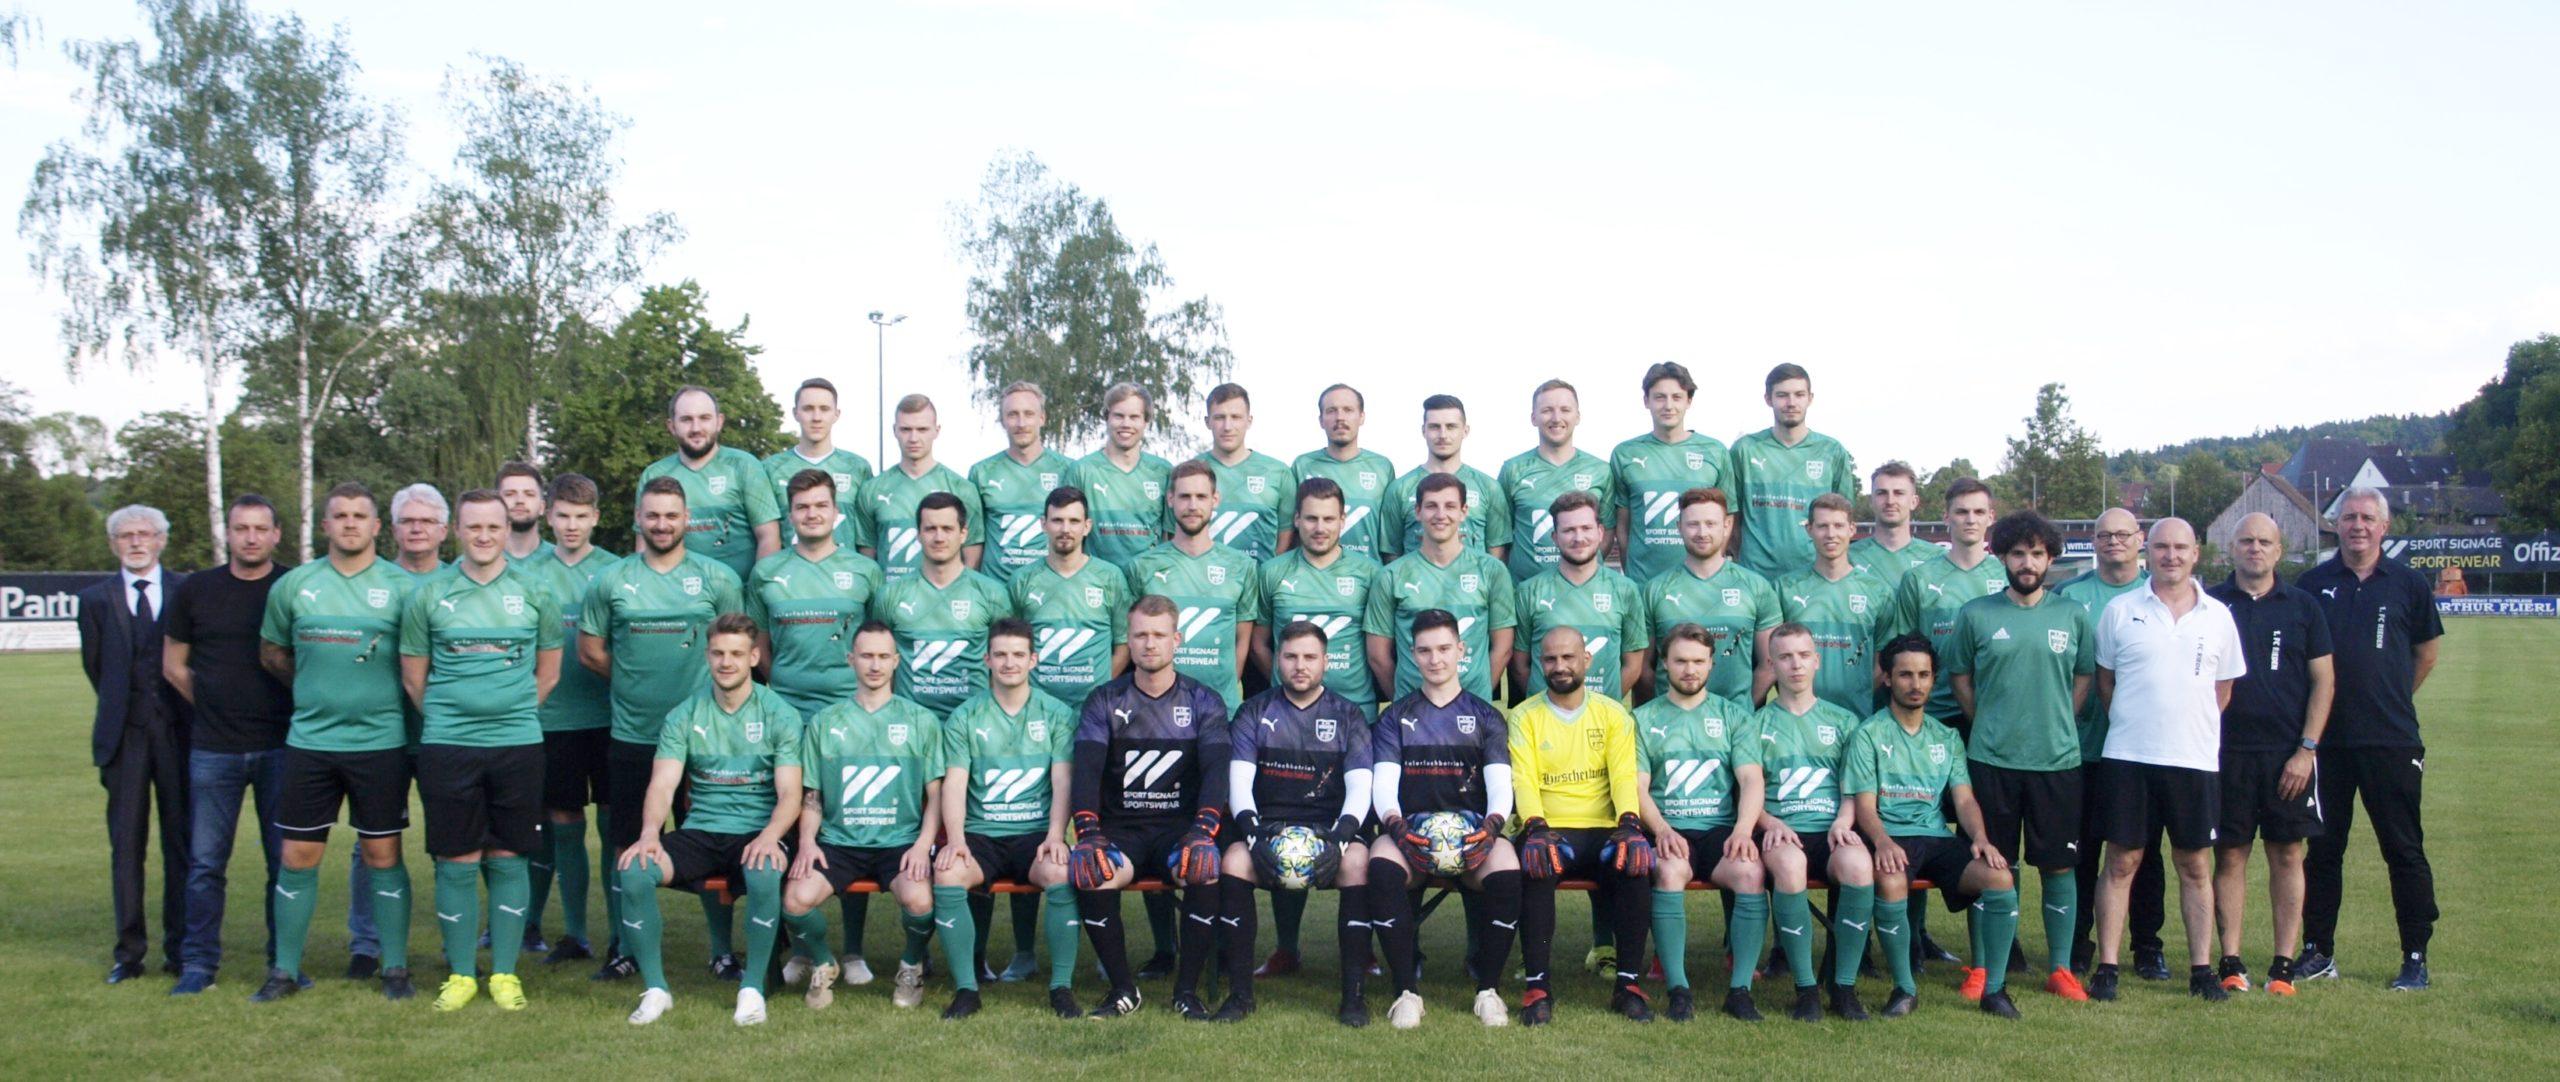 Erste und Zweite Mannschaft 2021 / 2022